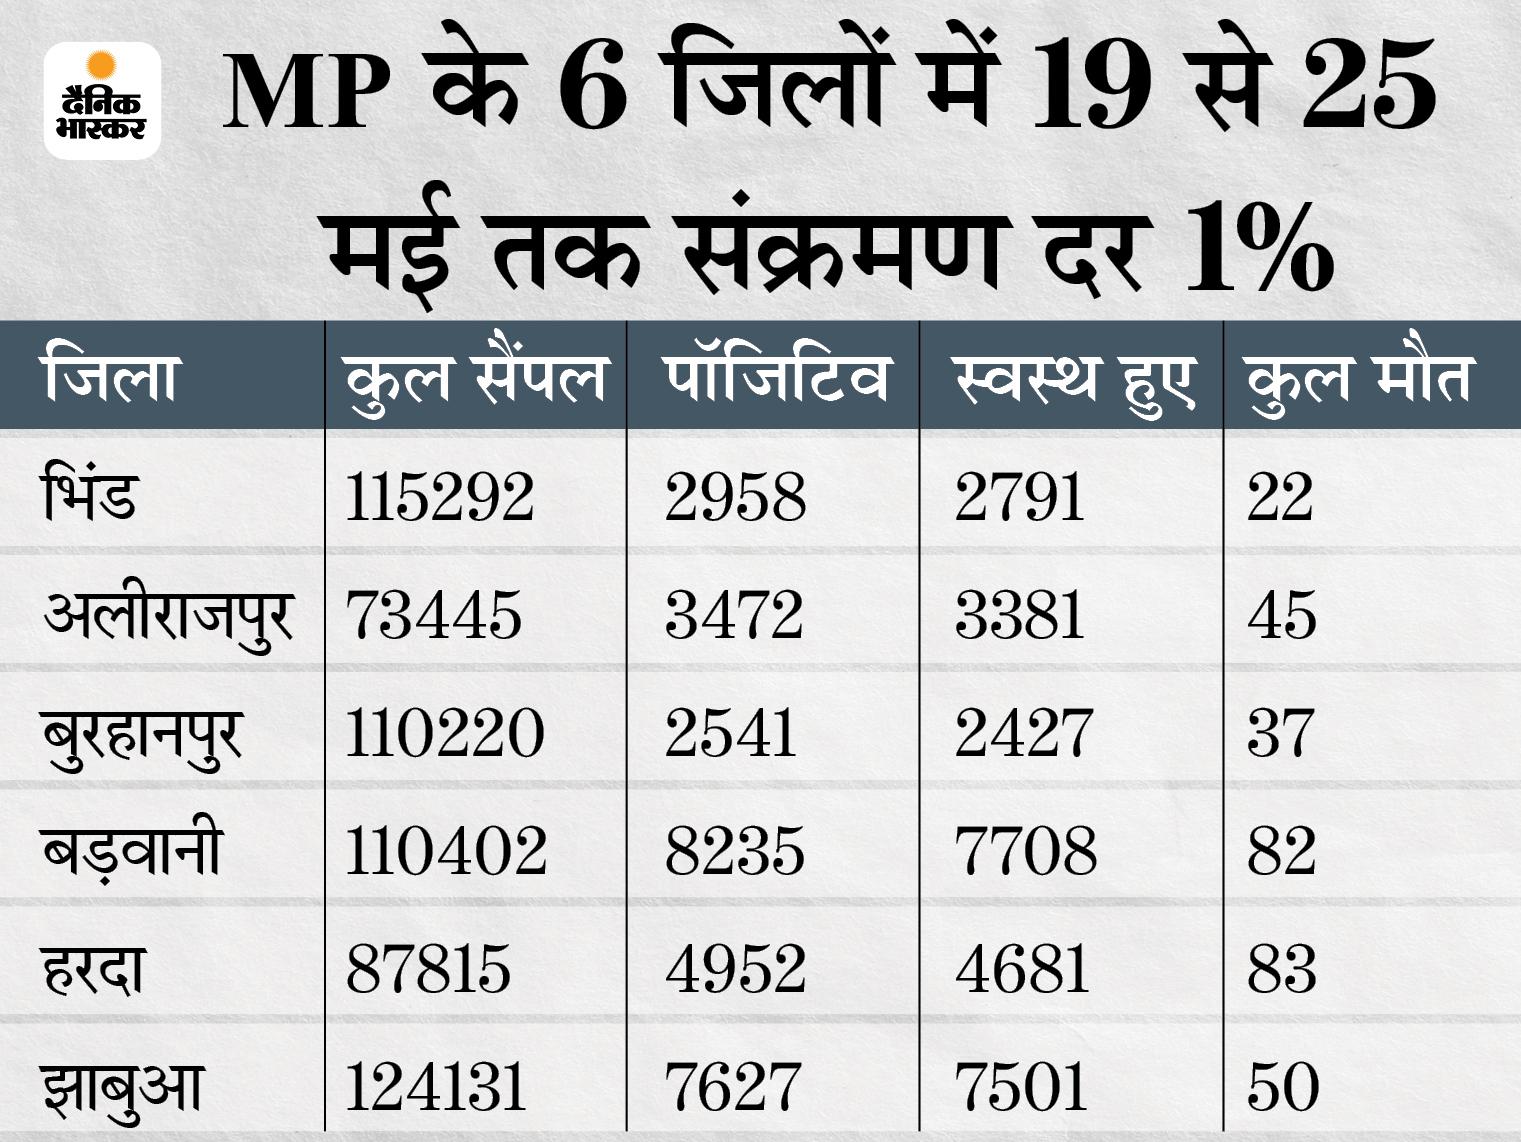 WHO के मानक 3% पर आई संक्रमण दर; जबलपुर-ग्वालियर में करीब दो माह बाद 100 से कम केस, 18 जिलों में 10 से भी कम संक्रमित|मध्य प्रदेश,Madhya Pradesh - Dainik Bhaskar